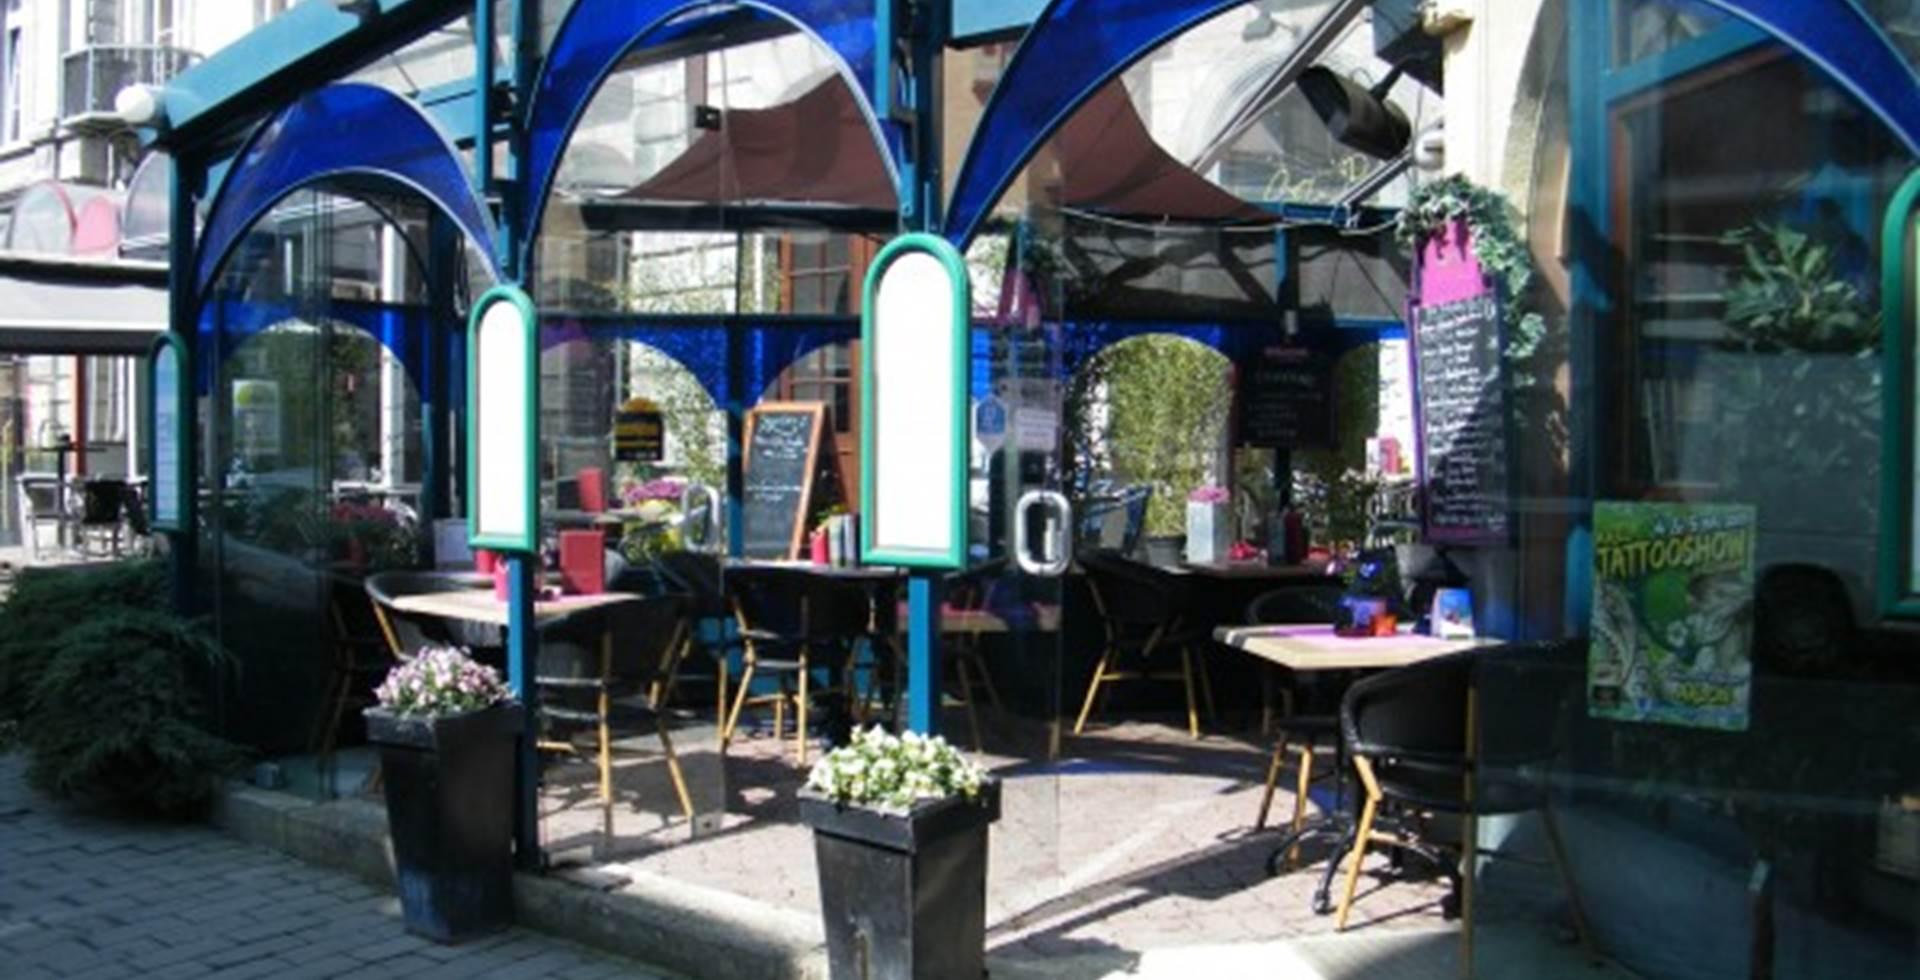 Vue sur la véranda en façade de l'hôtel Les Arcades